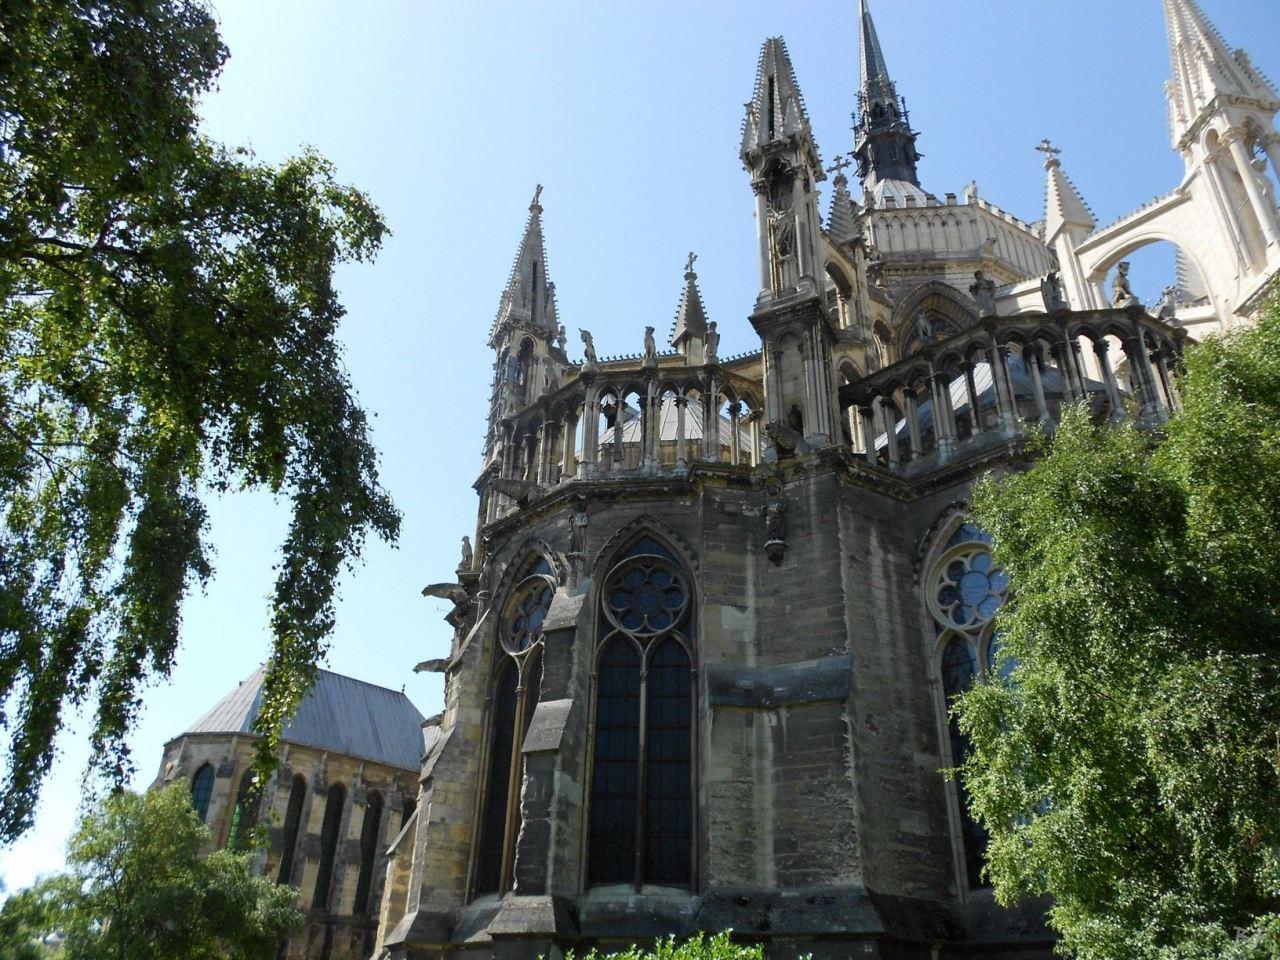 Cattedrale-Gotica-della-Vergine-di-Reims-Marne-Gran-Est-Francia-9